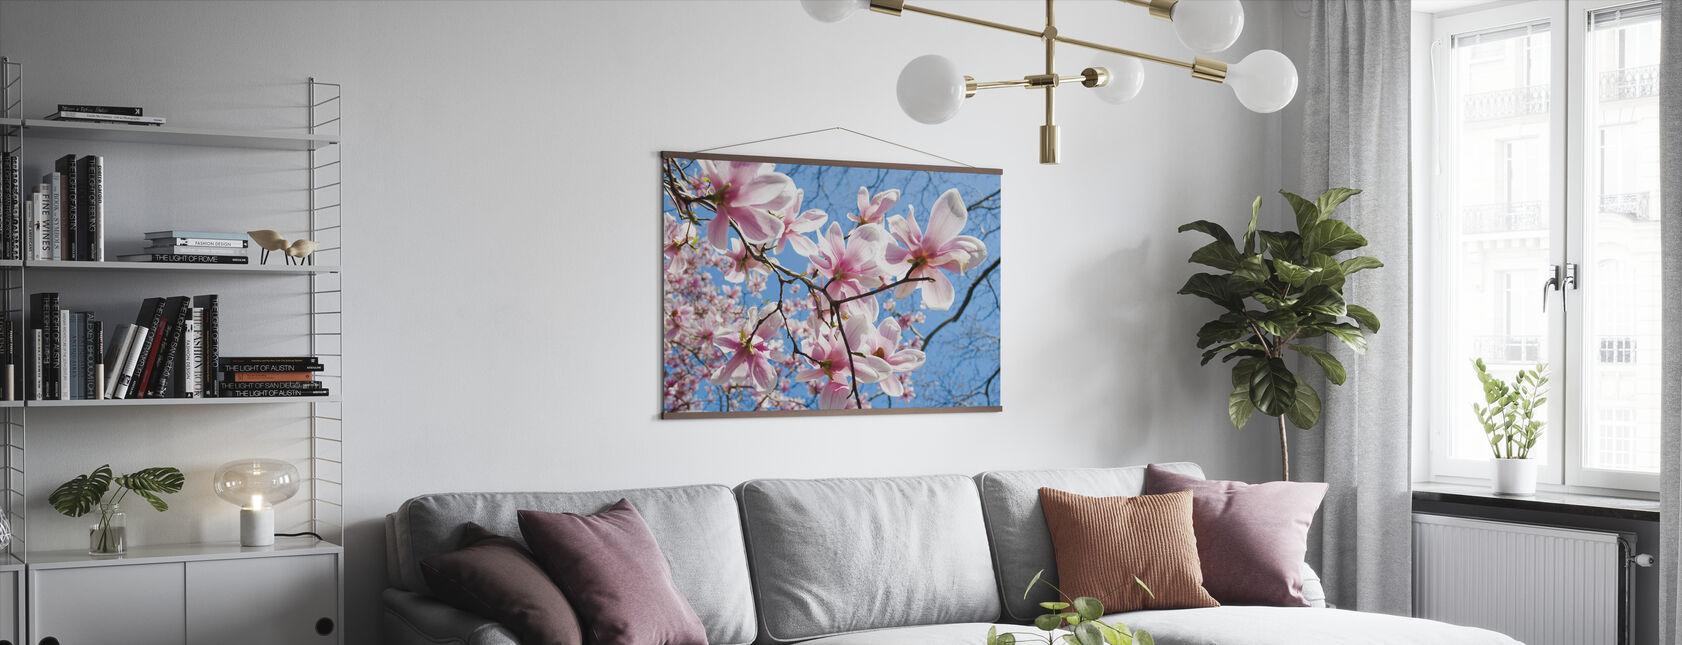 Manhattan Magnolia - Plakat - Stue